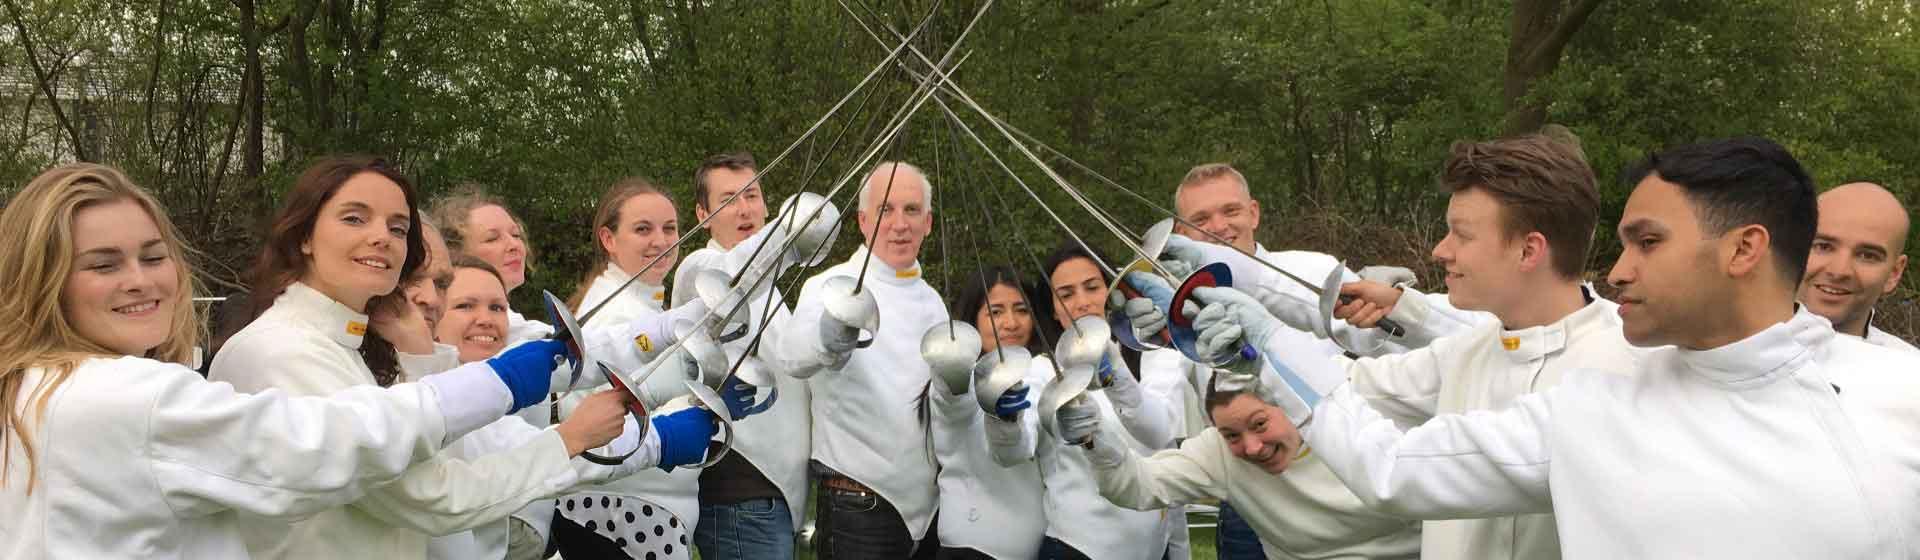 Schermclinic | Bedrijfsuitjes in Twente